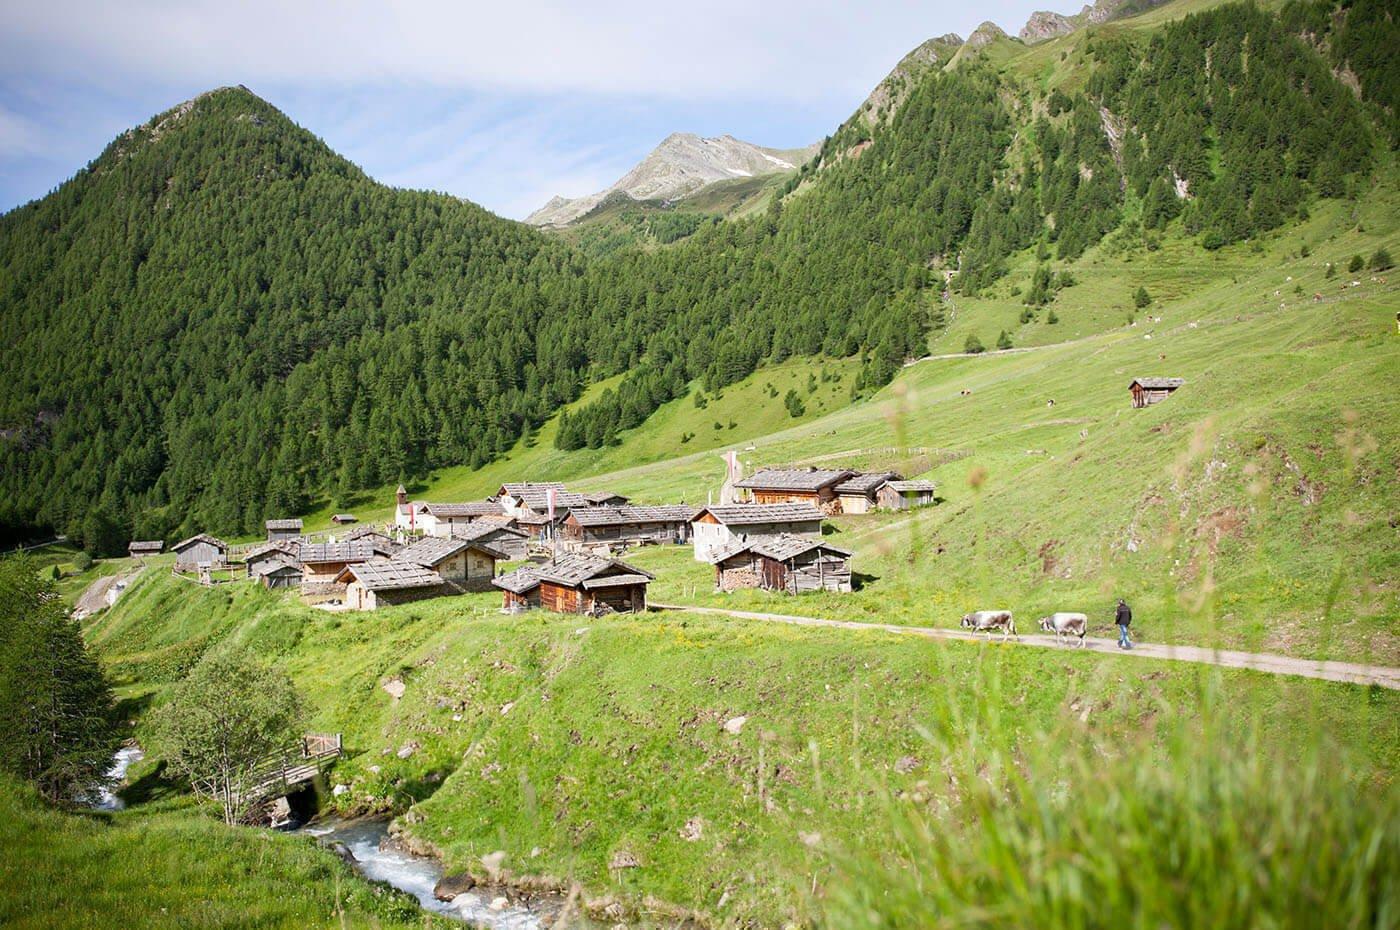 Höhenwanderung aufs Paechenjöchl und zur Fane Alm